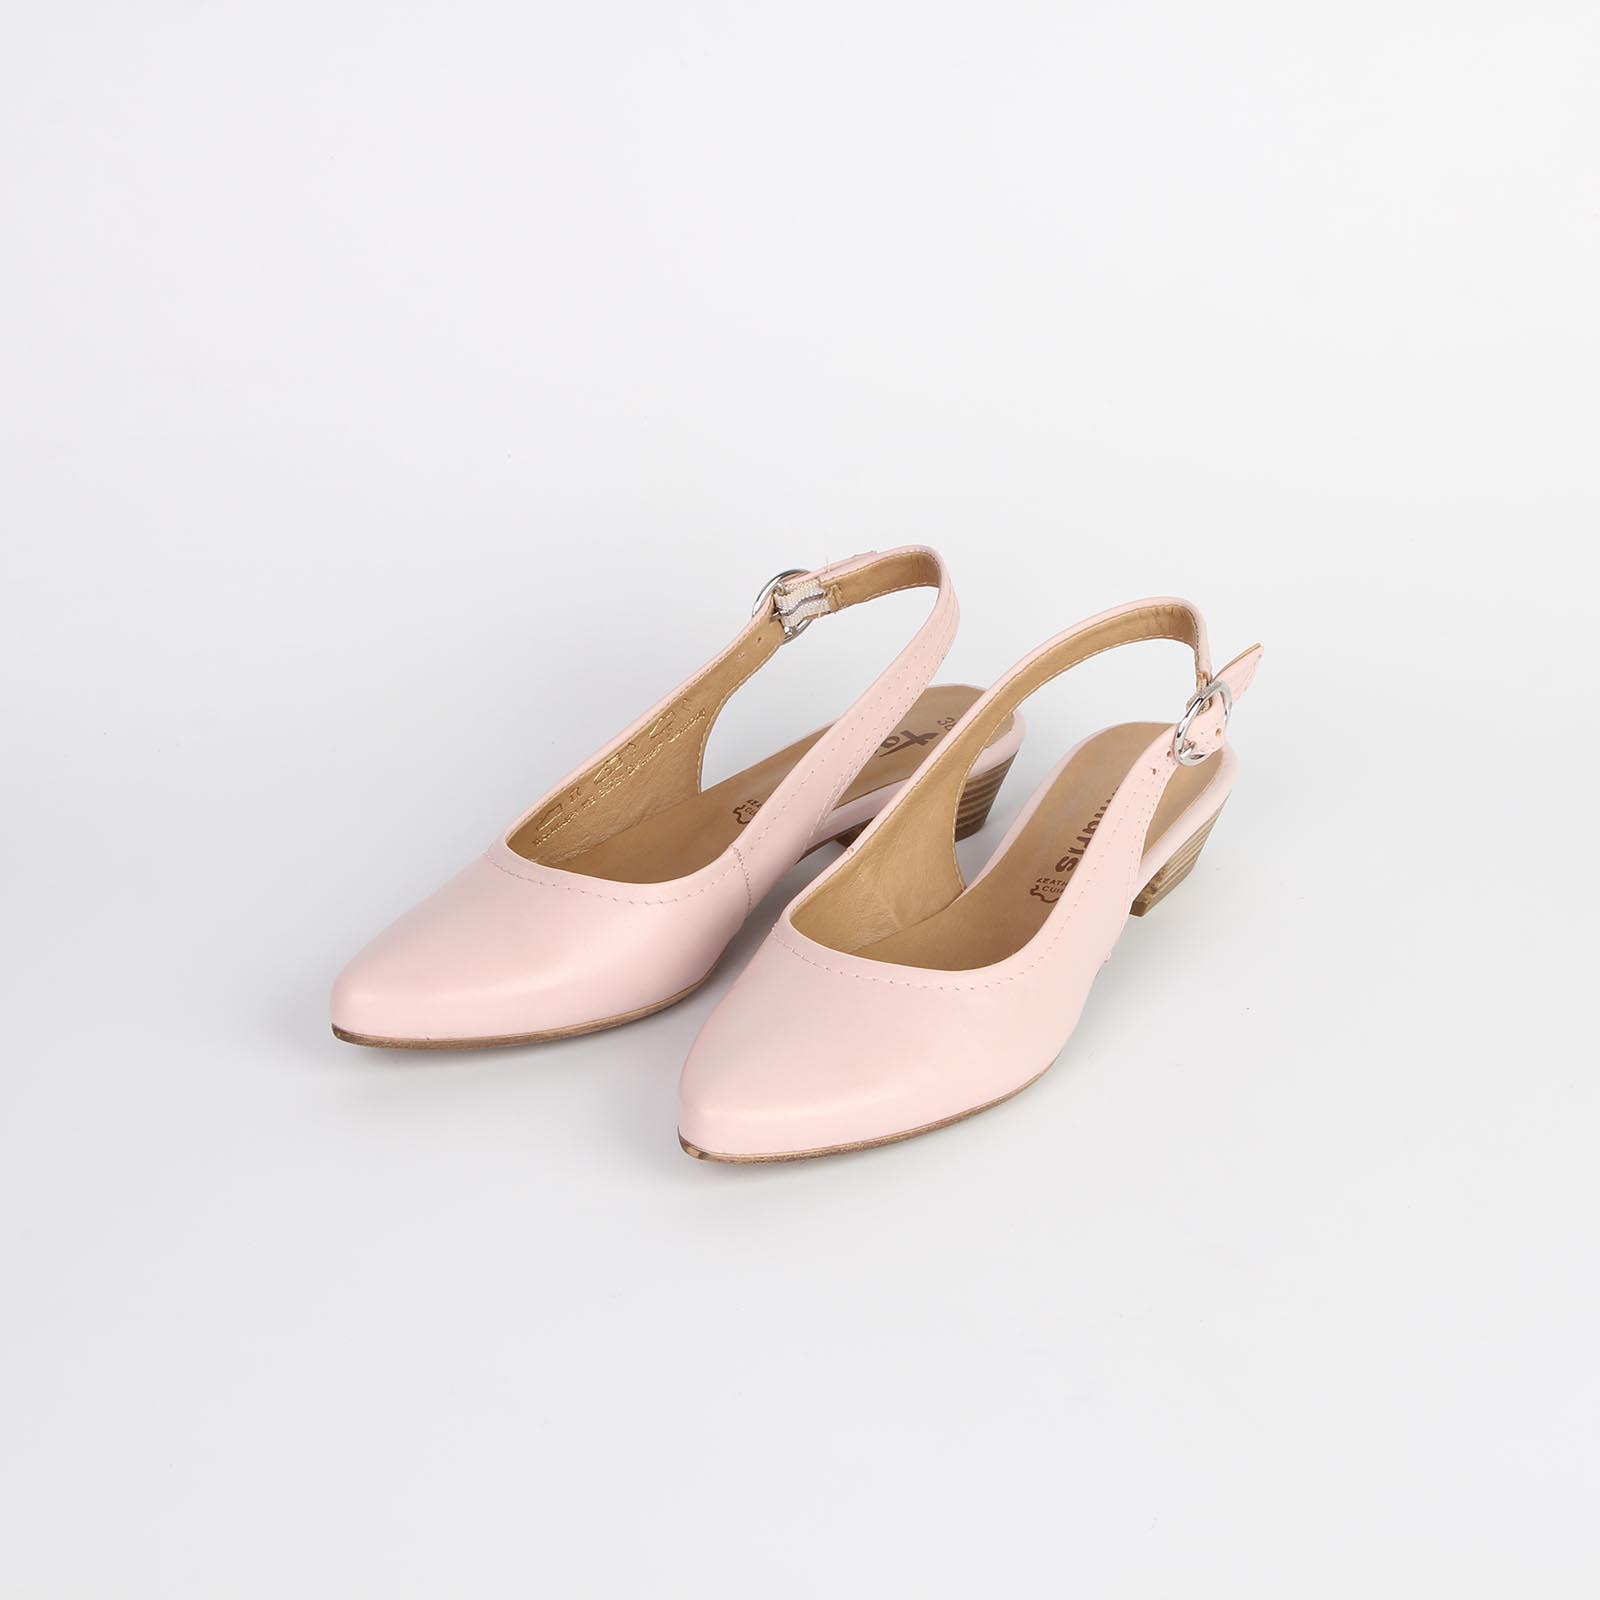 Туфли женские из натуральной кожи с регулируемым ремешком на низком каблуке